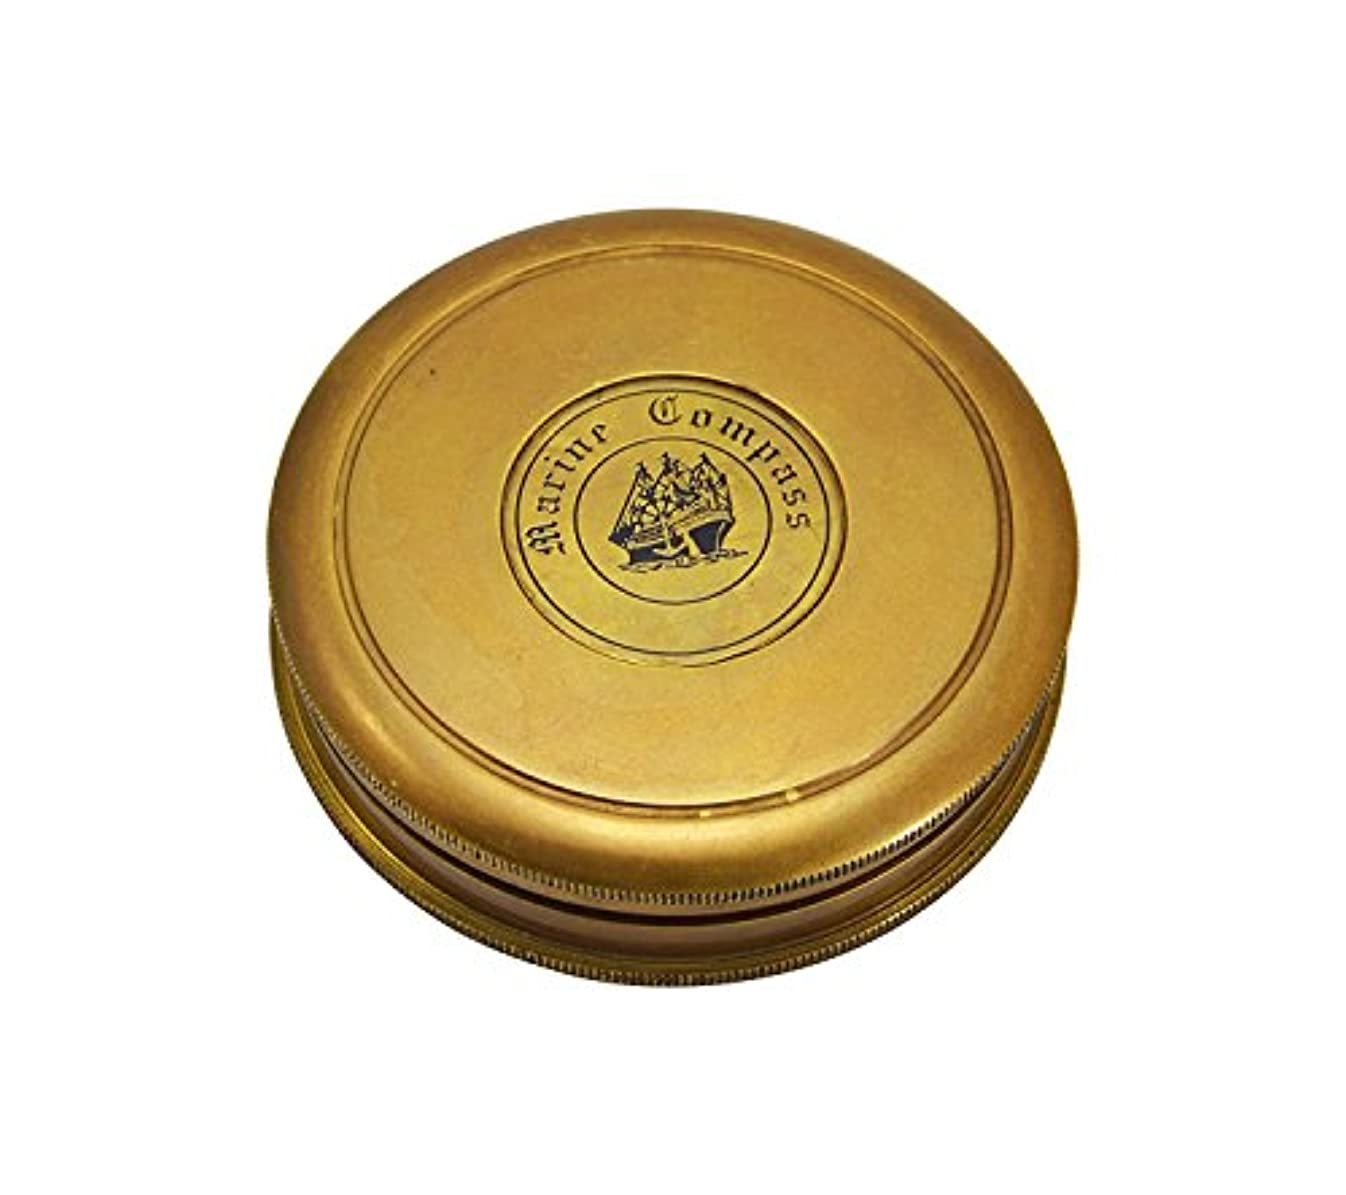 モニター名詞ジャベスウィルソン3インチ真鍮Marineポケットコンパス、ロバート?フロスト蓋の内側を詩/詩コンパス/ギフトSundial